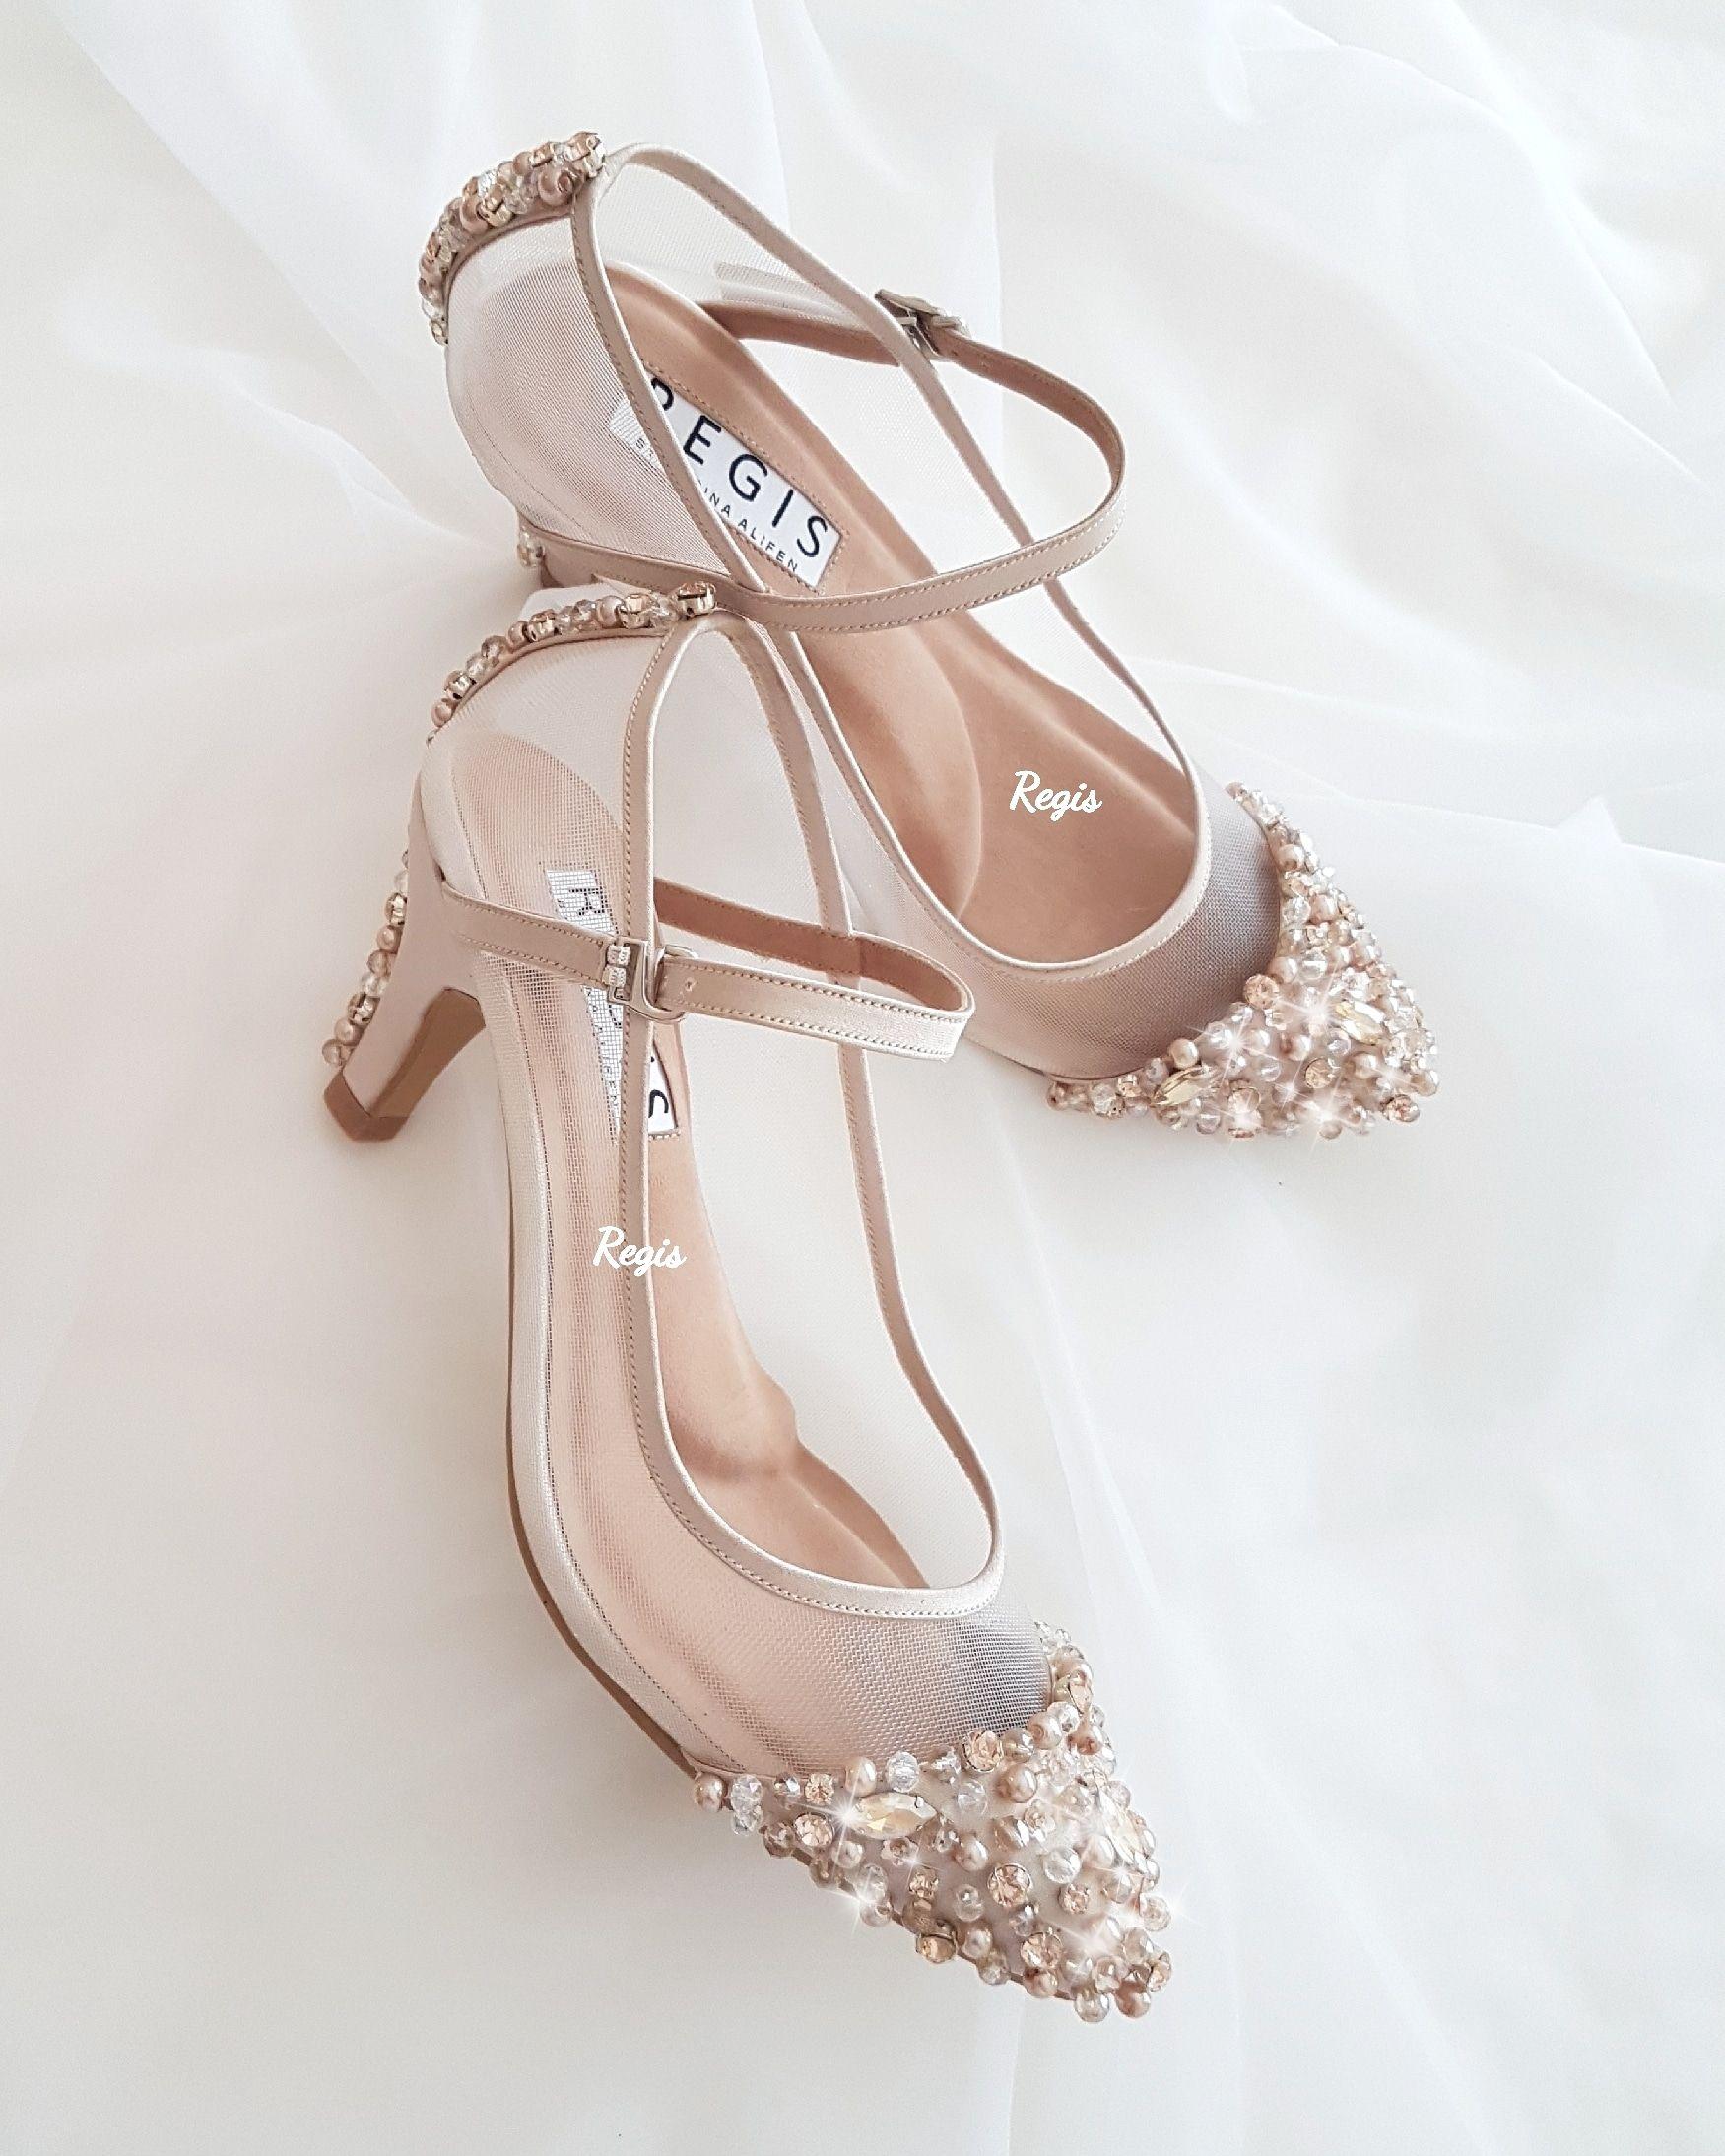 Ini Luar Biasa Karya Hebat Dari Regis Bridal Shoes Https Www Bridestory Com Id Regis Bridal Shoes Projects Re Sepatu Pengantin Sepatu Perkawinan Sepatu Lucu